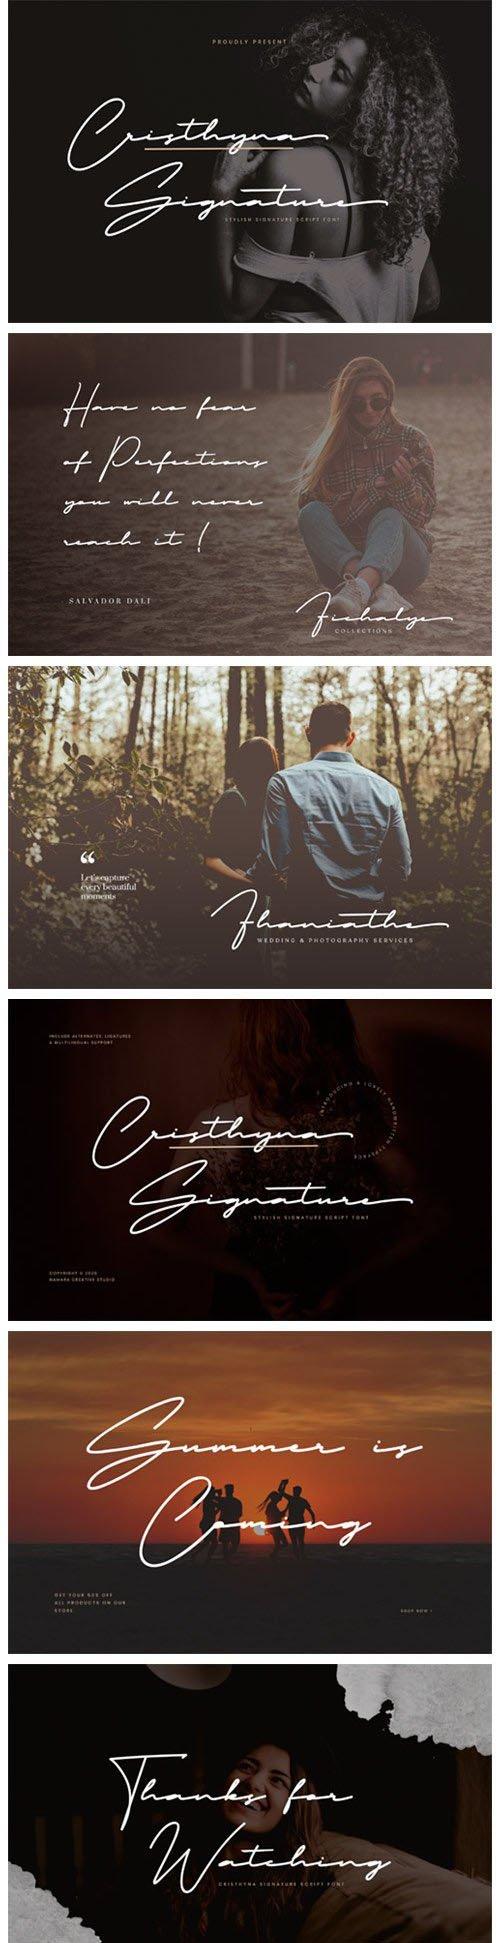 Cristhyna Signature - Handwritten Script Font